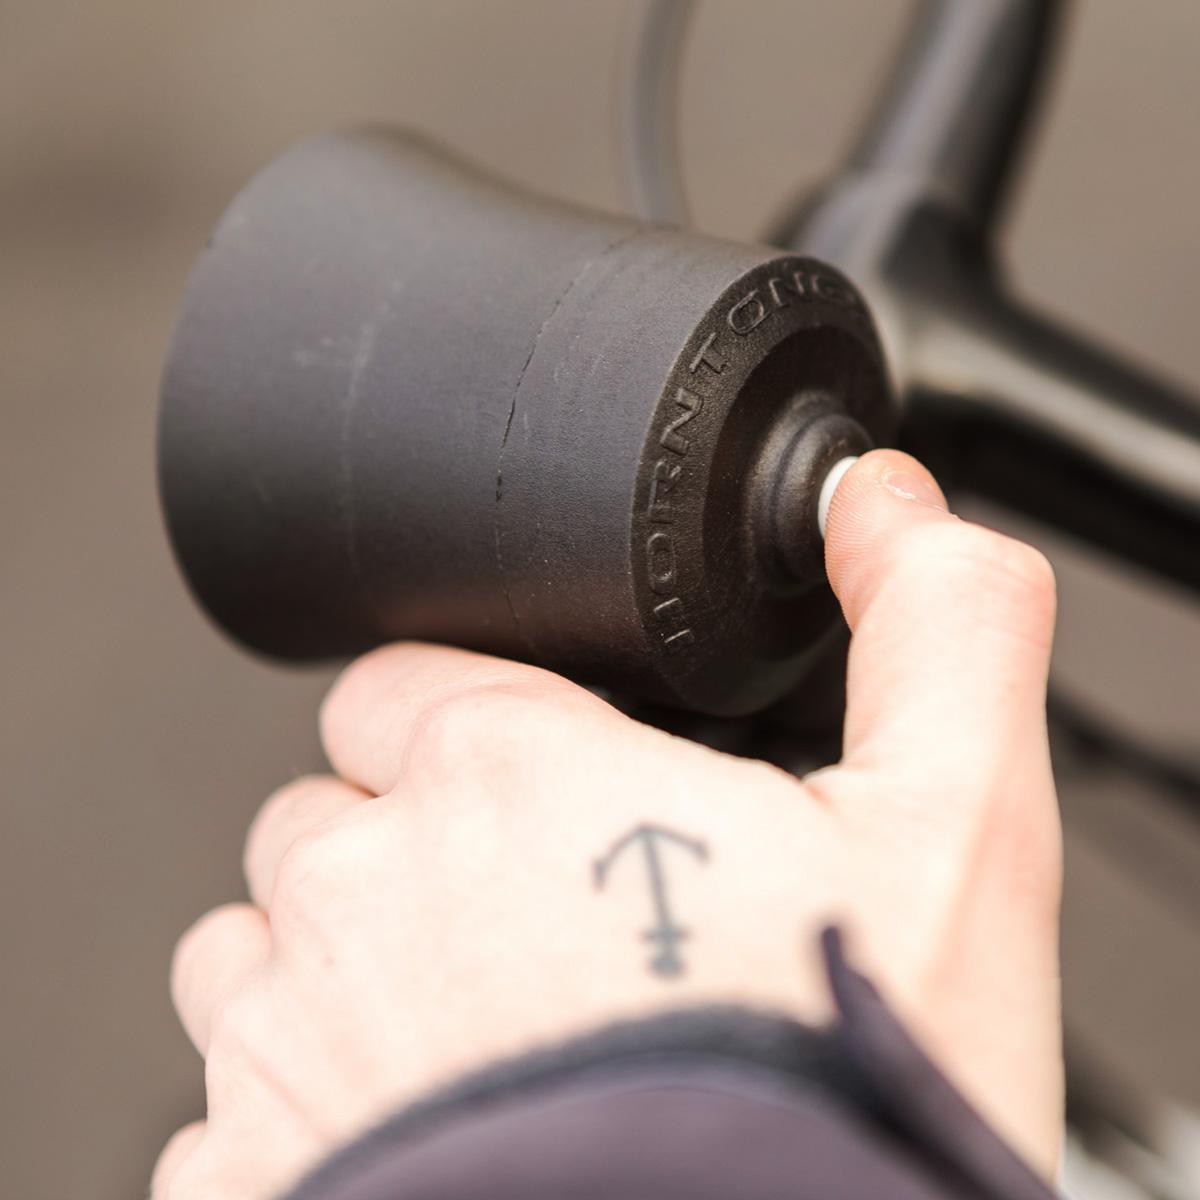 - Hoorntoeter voor de fiets(Move bitch, get out the way )